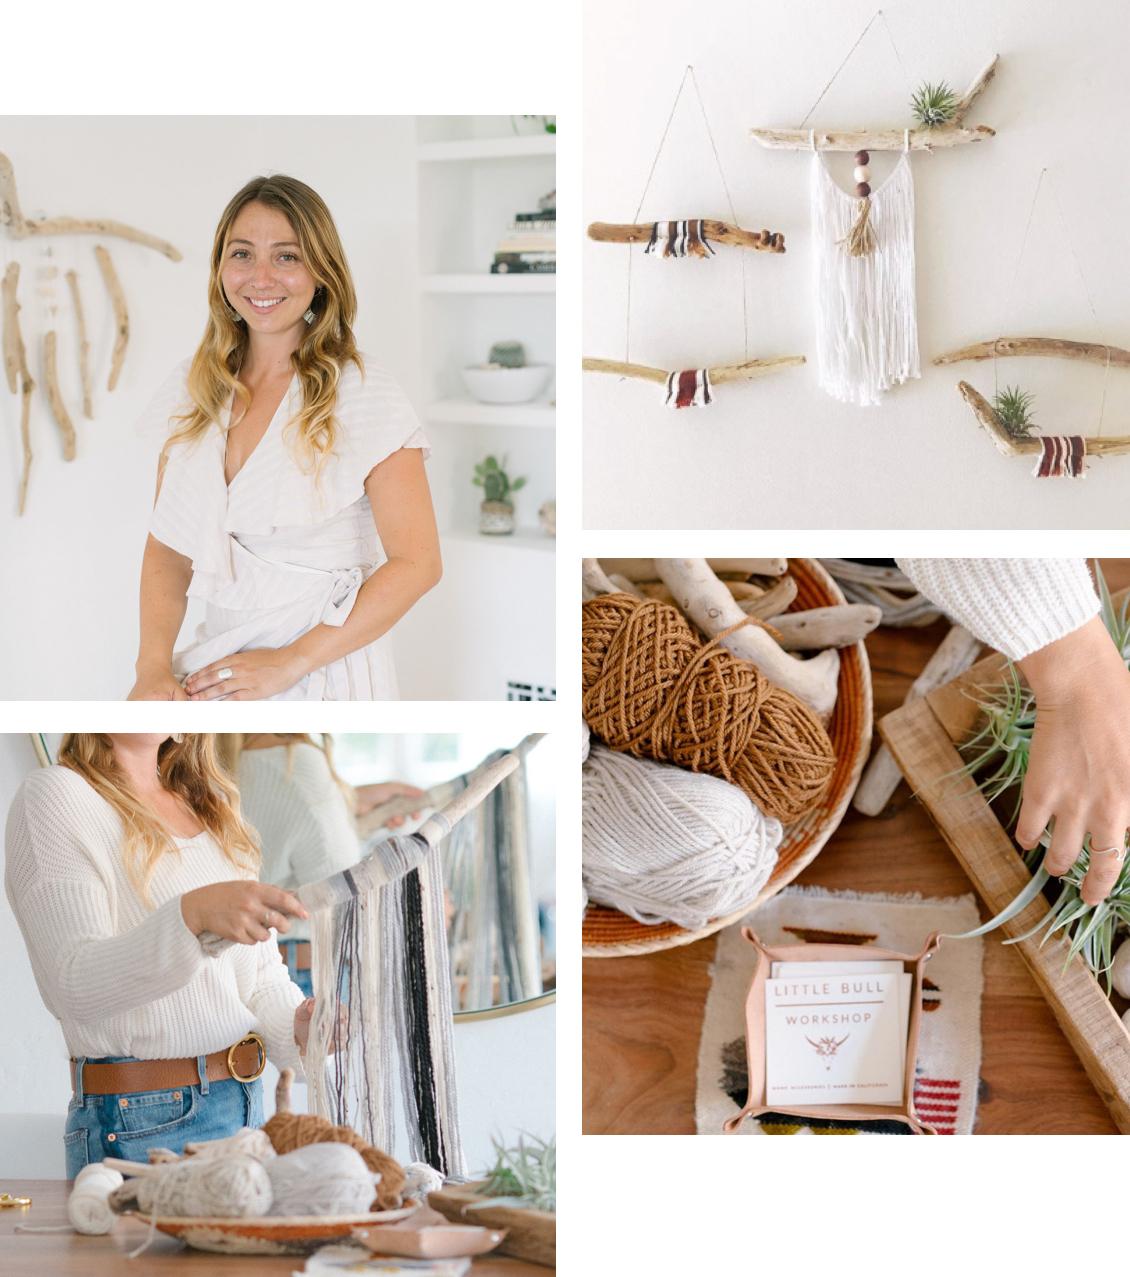 Women making crafts